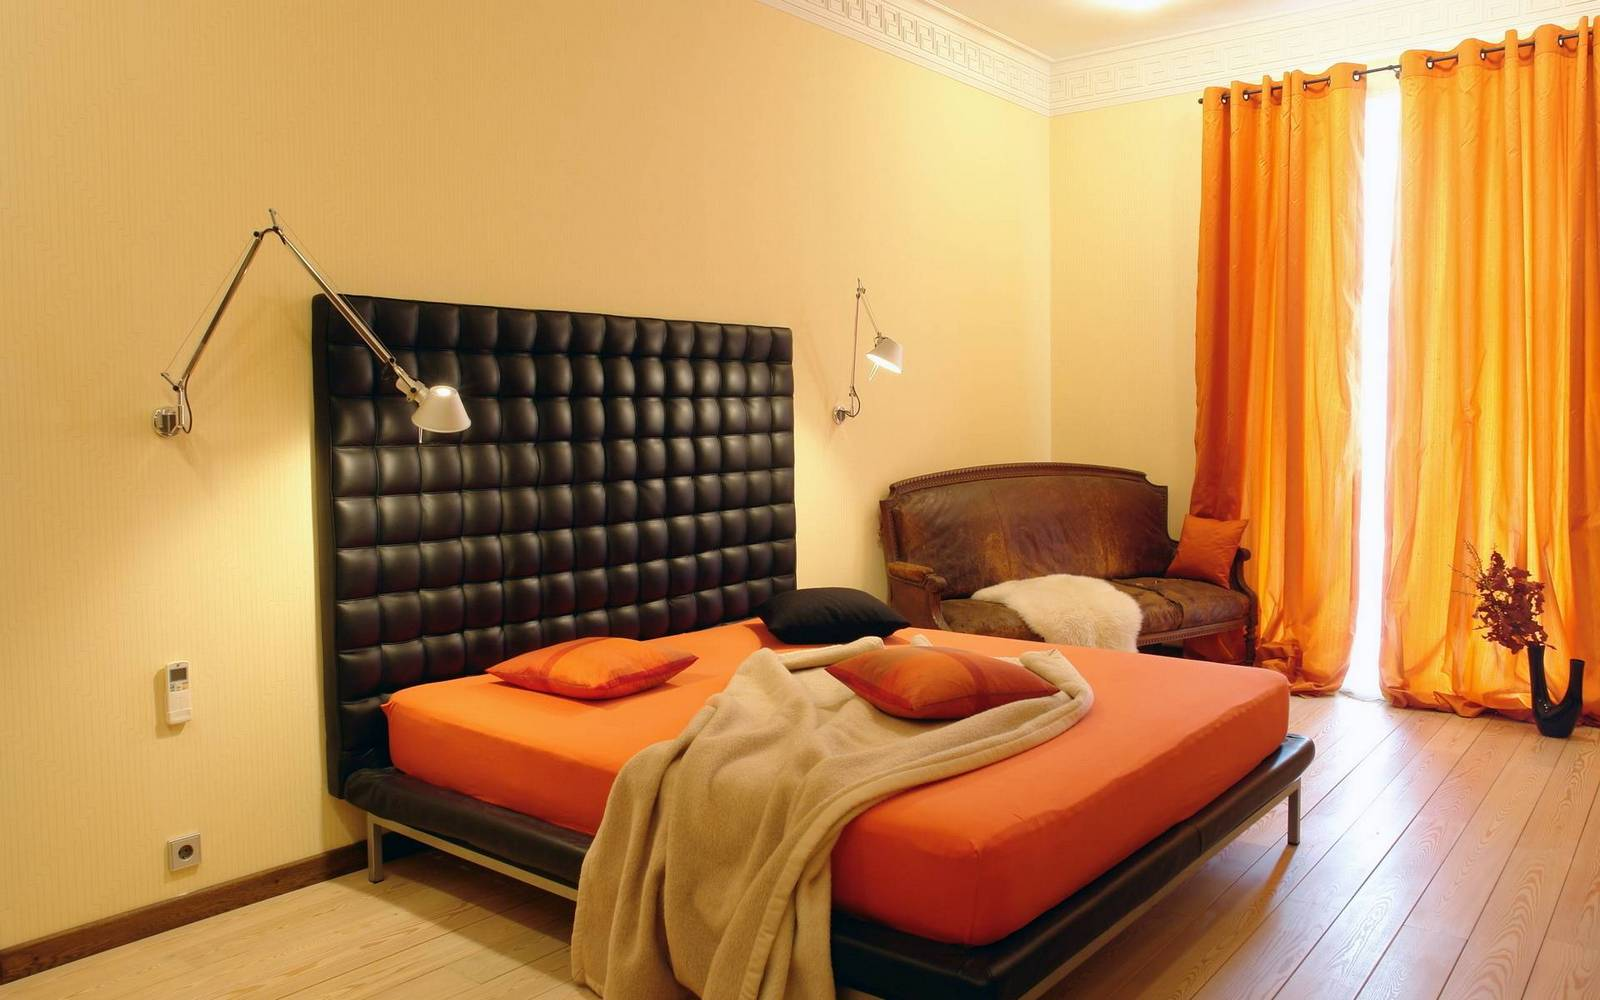 Кремово-оранжевая спальня с черной кроватью